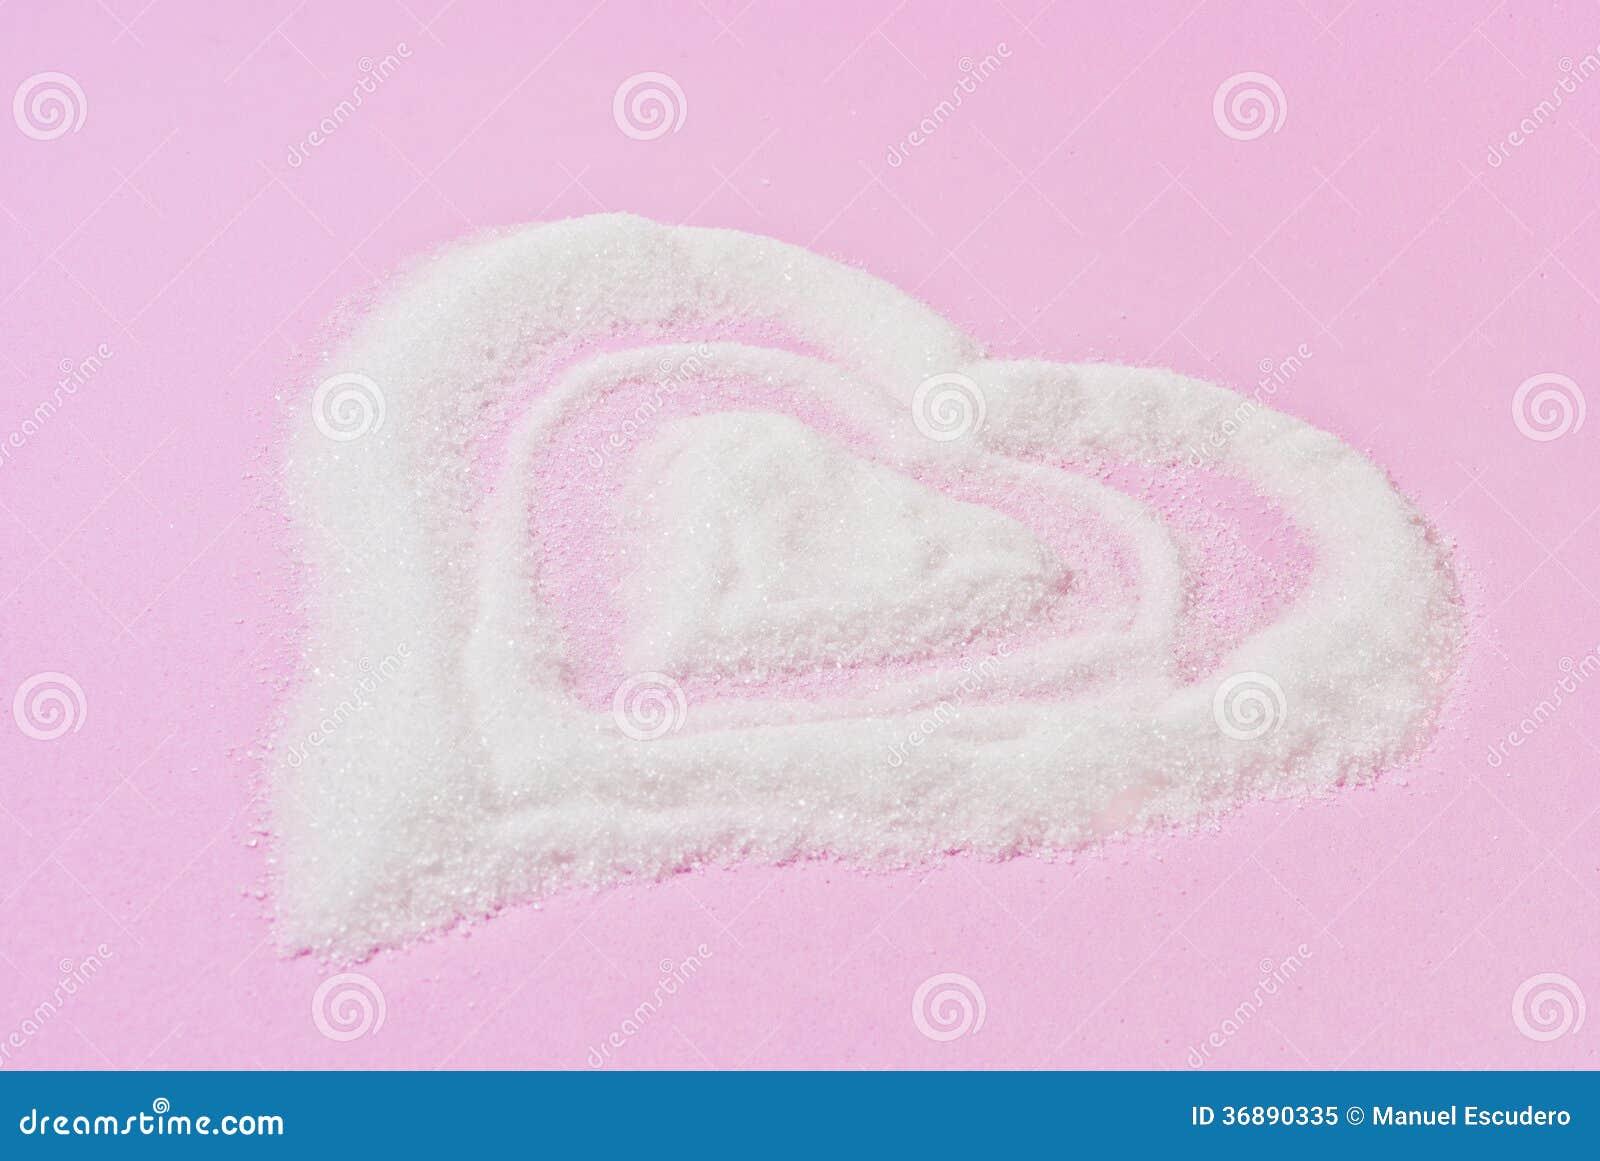 Download Corazón De Azucar, Fondo Rosa. Immagine Stock - Immagine di romanzesco, zucchero: 36890335